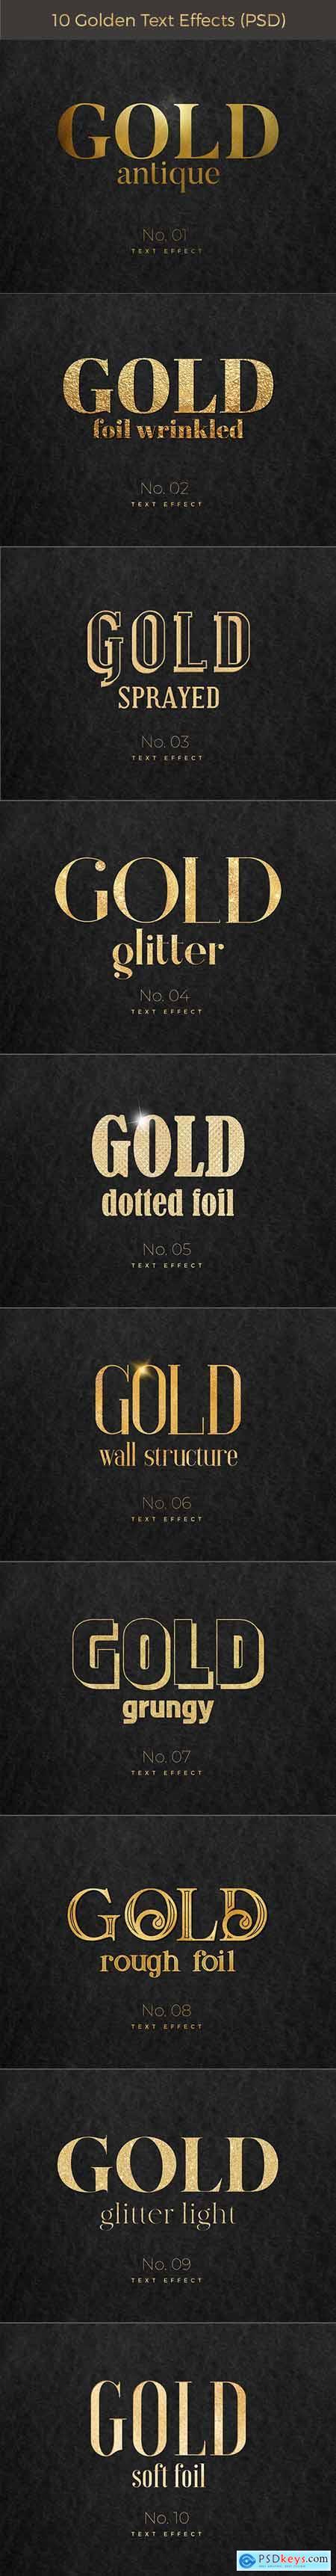 10 Golden Text Effects 28156153